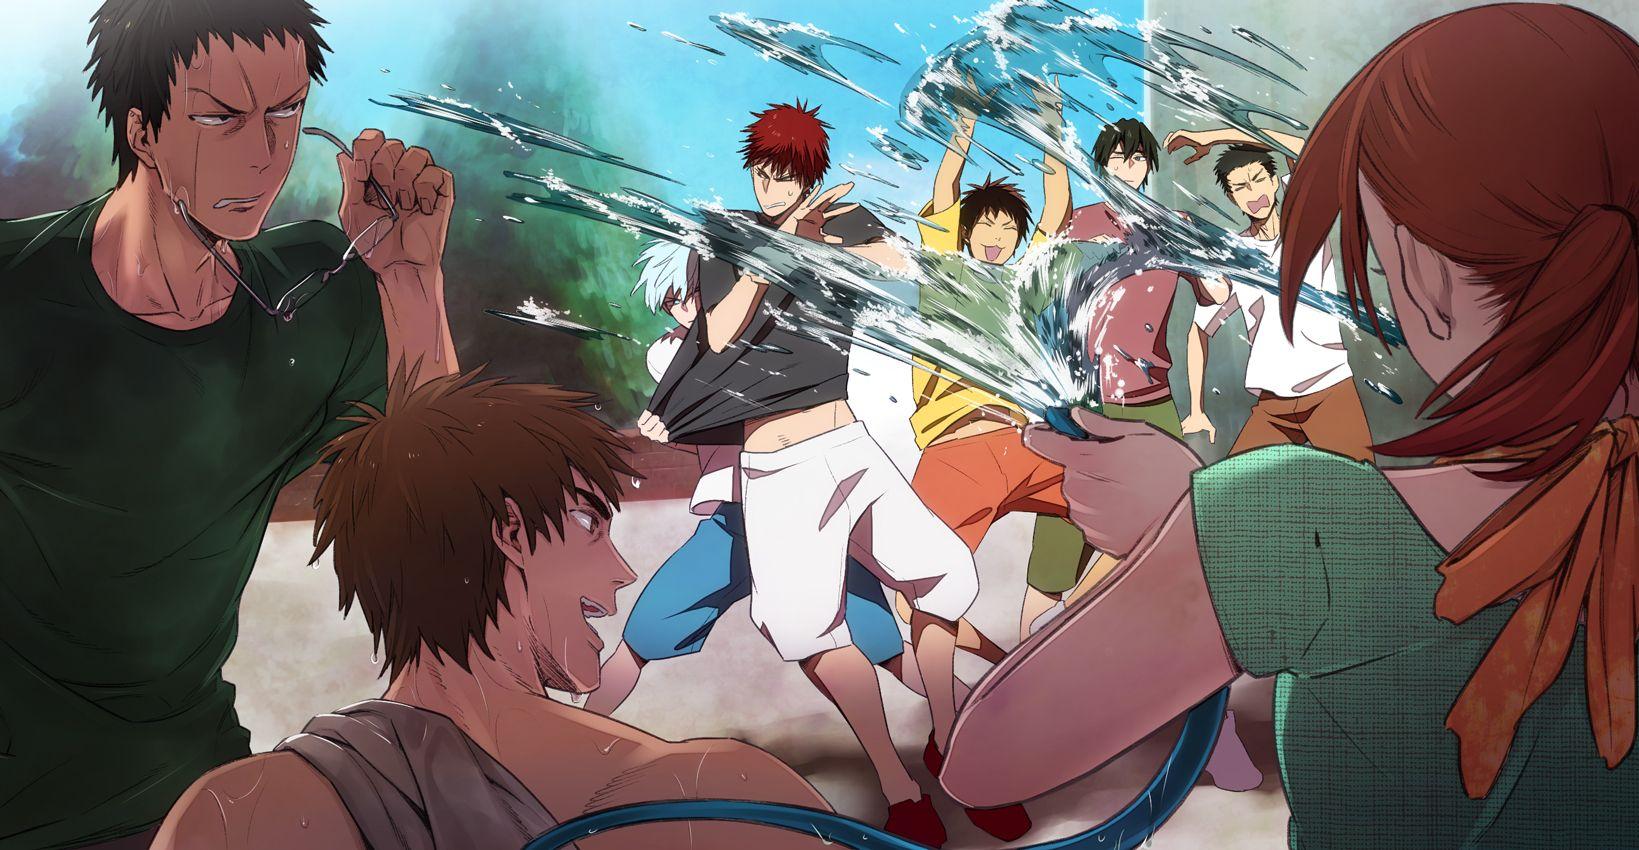 Seirin High/1197402 Kuroko, Kuroko no basket, Kuroko's